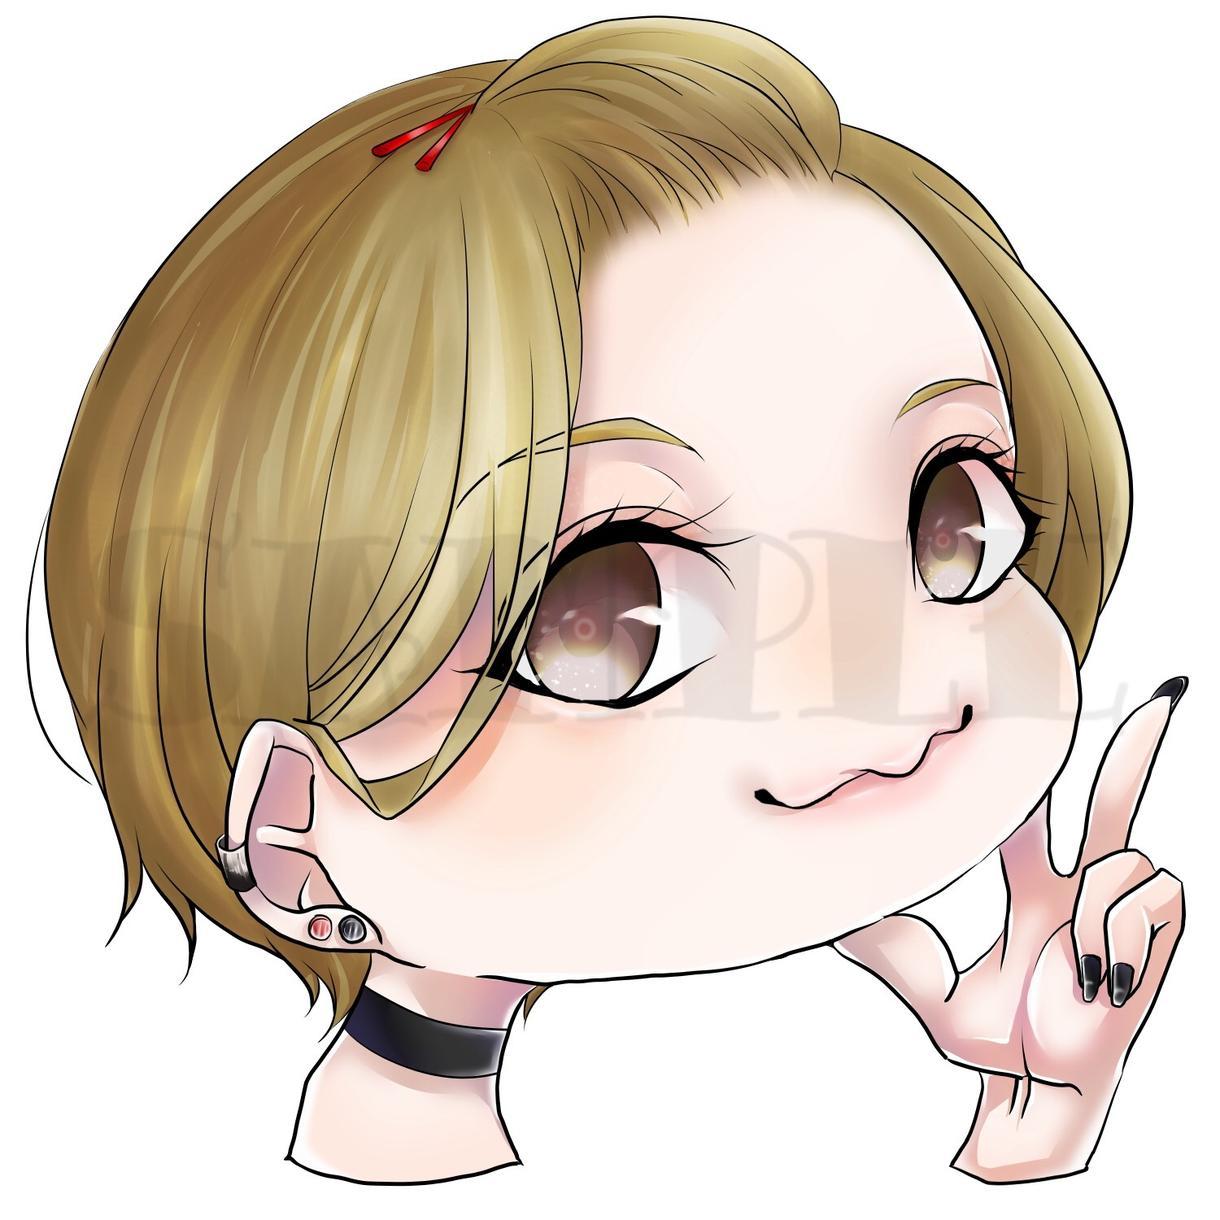 貴方だけに!SNS用ミニキャラアイコン描きます 似顔絵や創作キャラクターまで。ちまっとした、特別な1枚を!